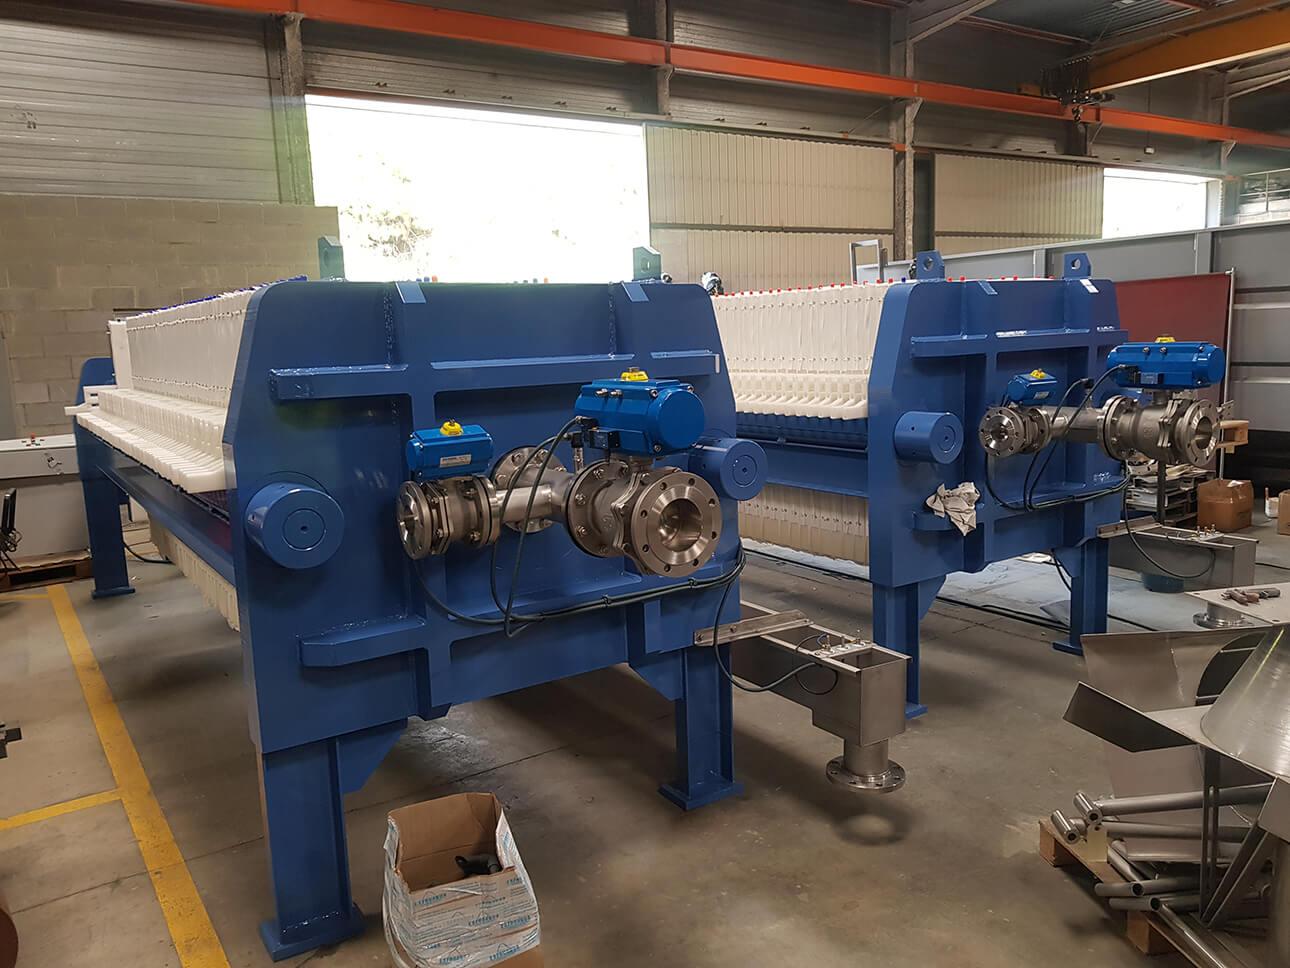 Dos nuevas unidades filtro prensa MURANO de tamaño de placa 1*1 mts listos para su envío a RUMANIA, proyecto de planta potabilizadora de agua en la ciudad de Cugir.